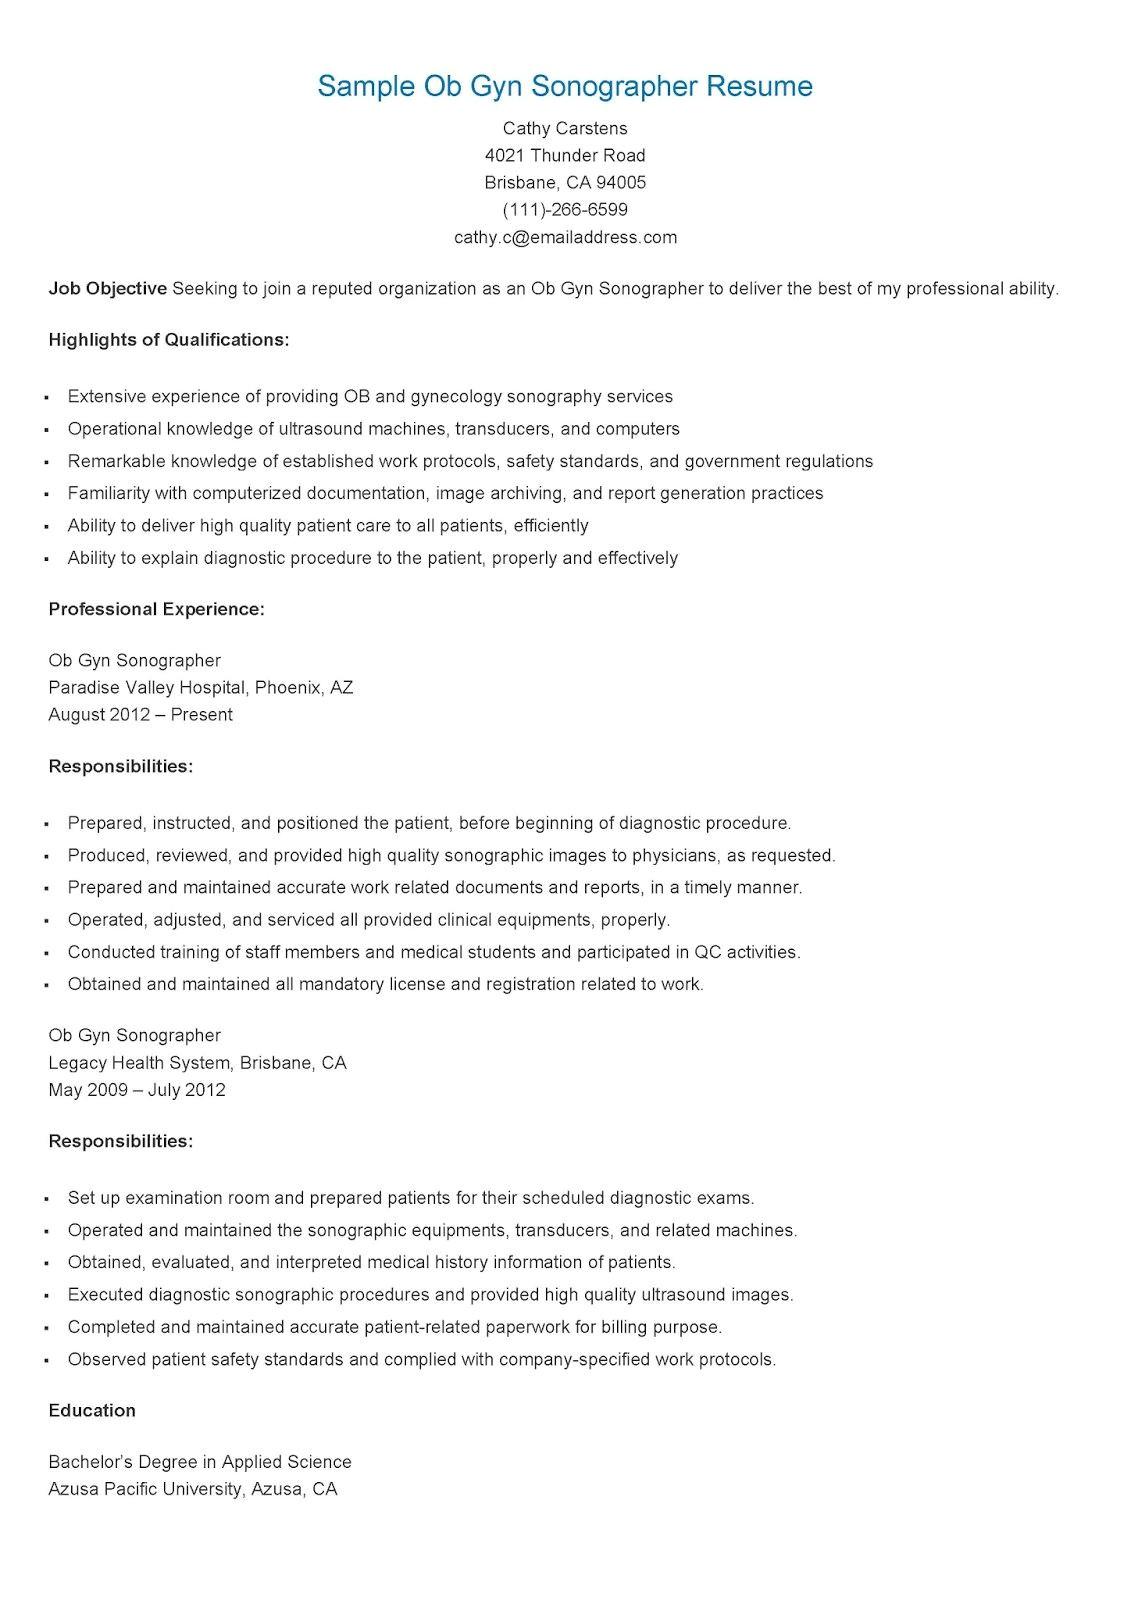 Cover Letter for Ob Gyn Position Sample Ob Gyn sonographer Resume Technician Resume